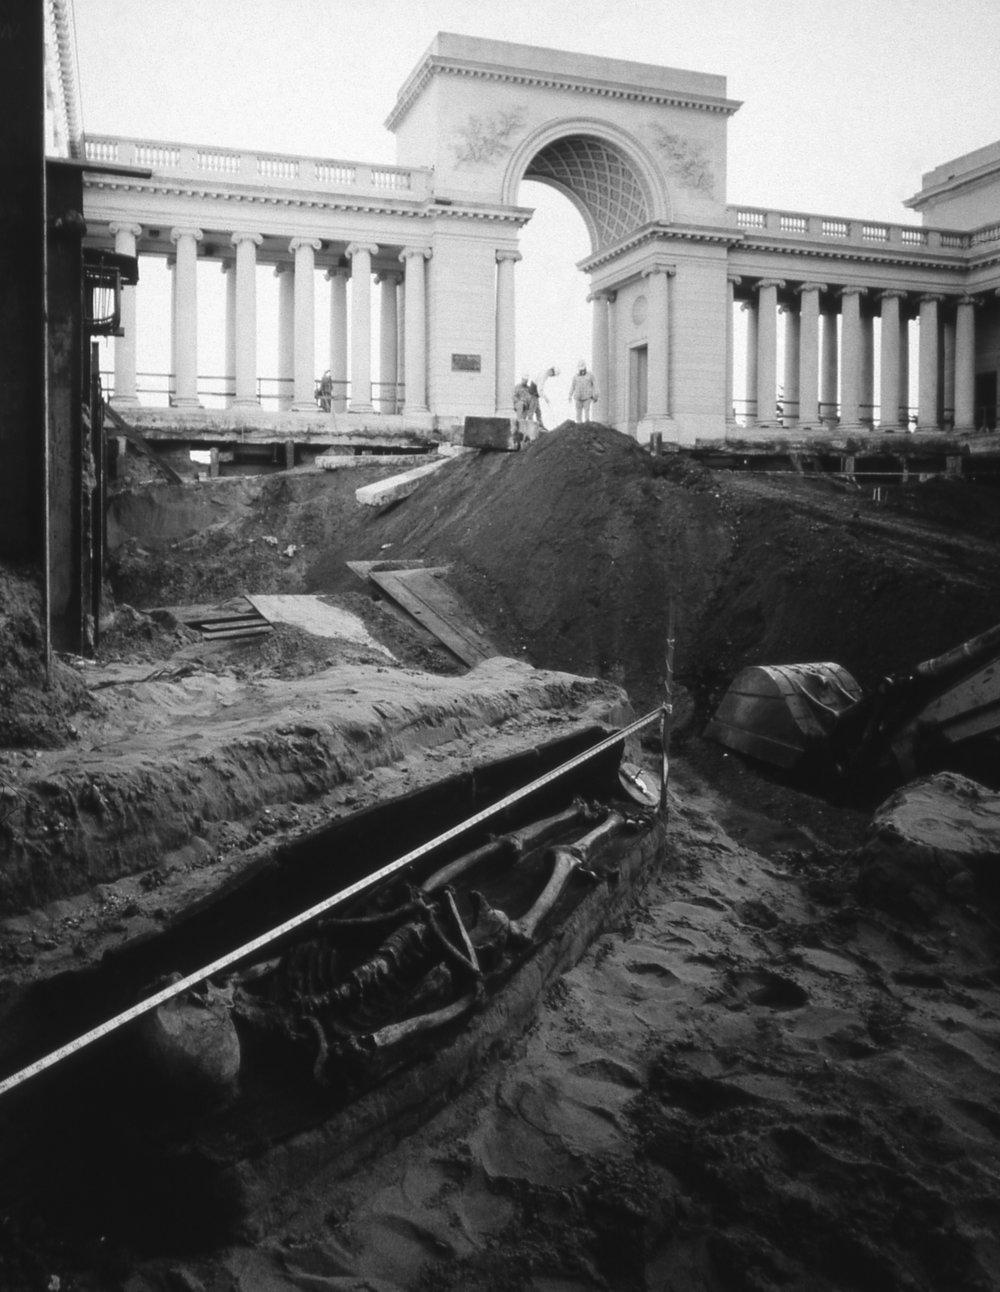 Sous la cour du Musée de la Légion d'Honneur reposaient des centaines de sépultures de l'ancien cimetière du Golden Gate. Photographie issue de la série  Still Rooms and Excavations , de  Richard Barnes (reproduite ici avec l'aimable autorisation de l'artiste).